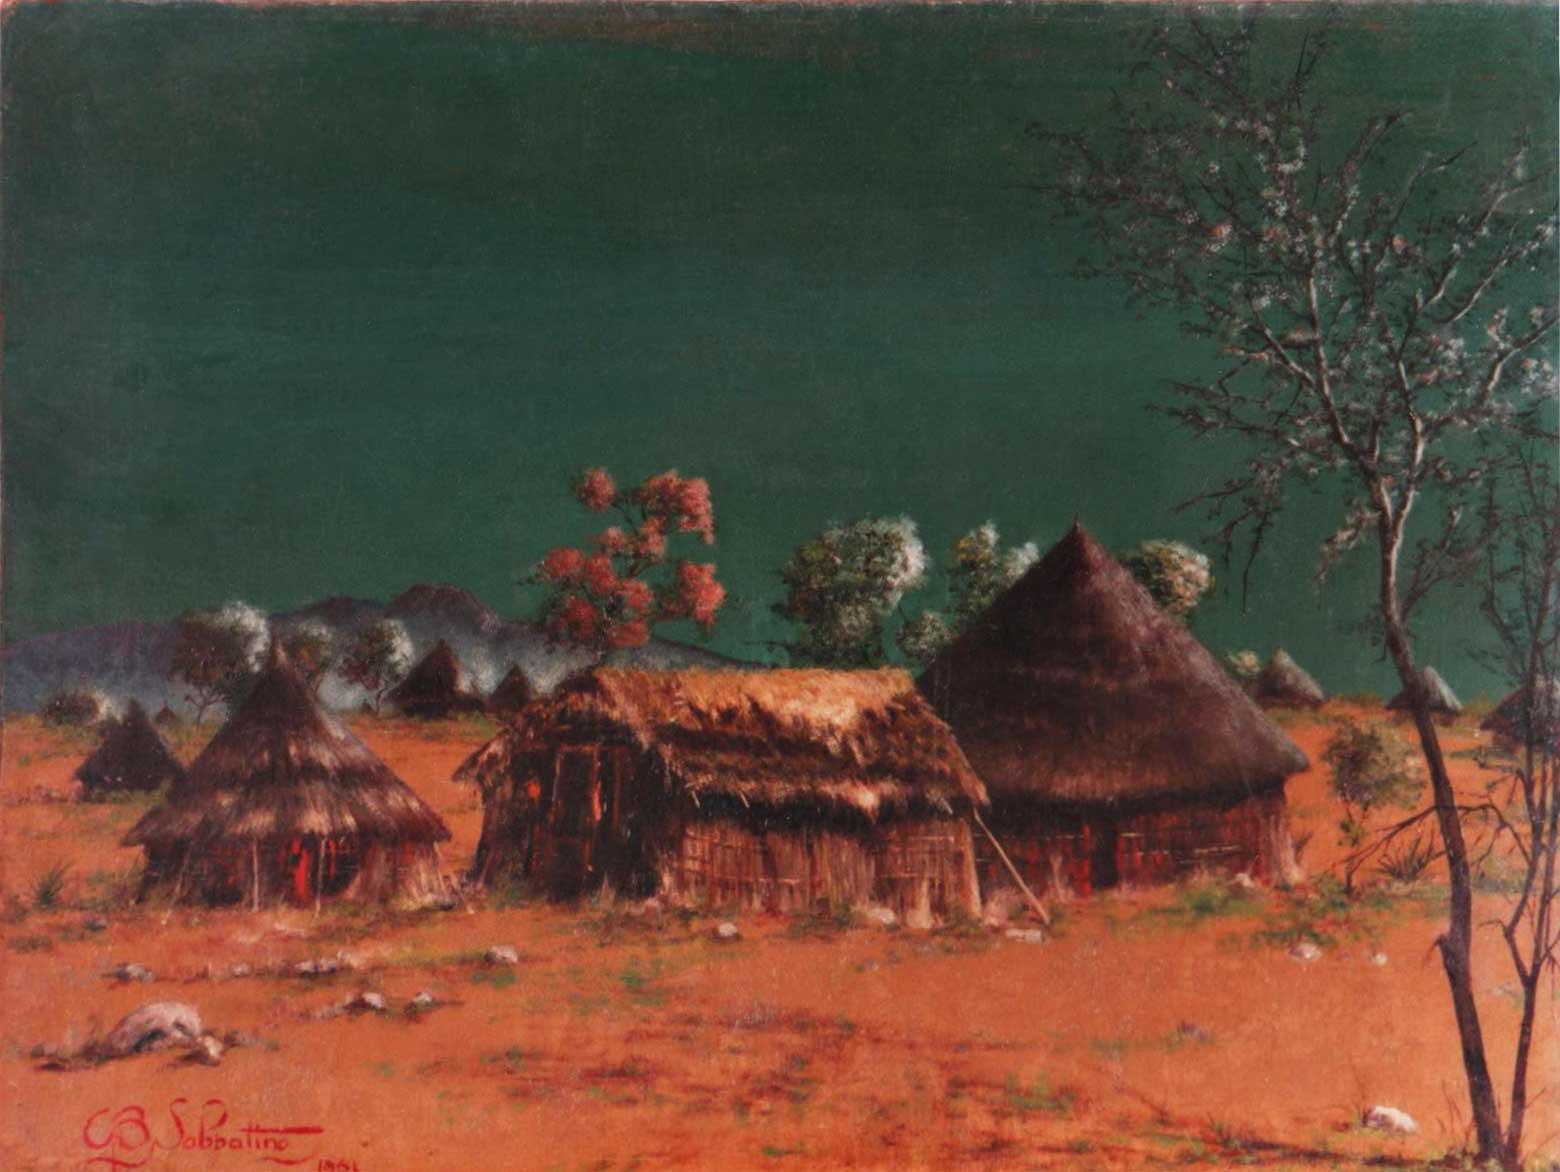 quadri africani villaggio africa olio su tela Sabbatino